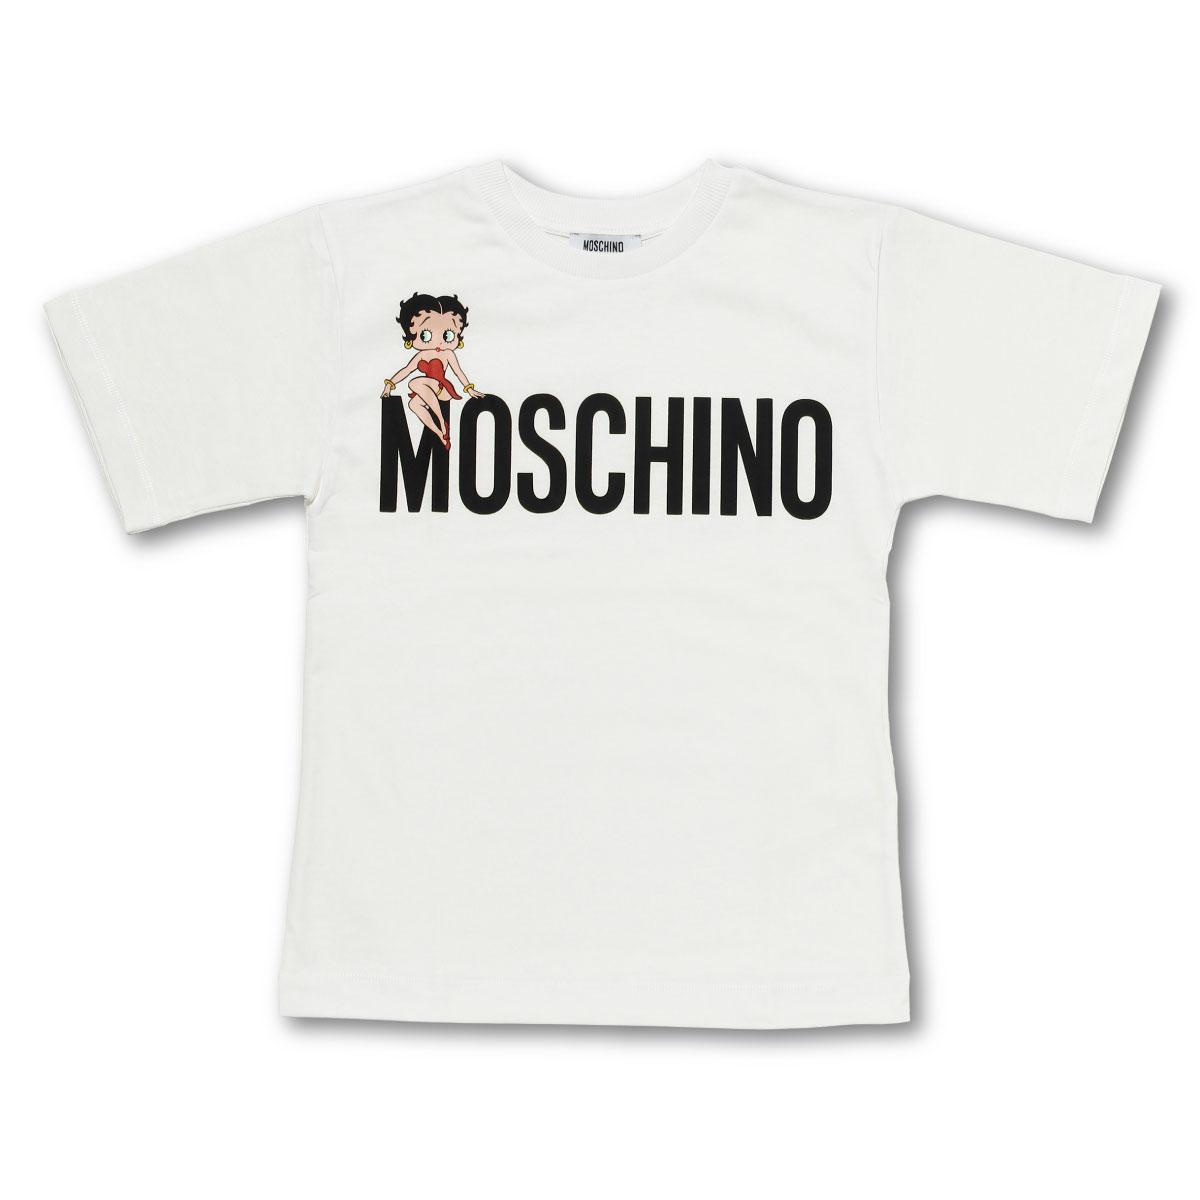 モスキーノ MOSCHINO Tシャツ キッズ ガールズ HKM022 LAA02 10063 半袖Tシャツ WHITE ホワイト6A-10A